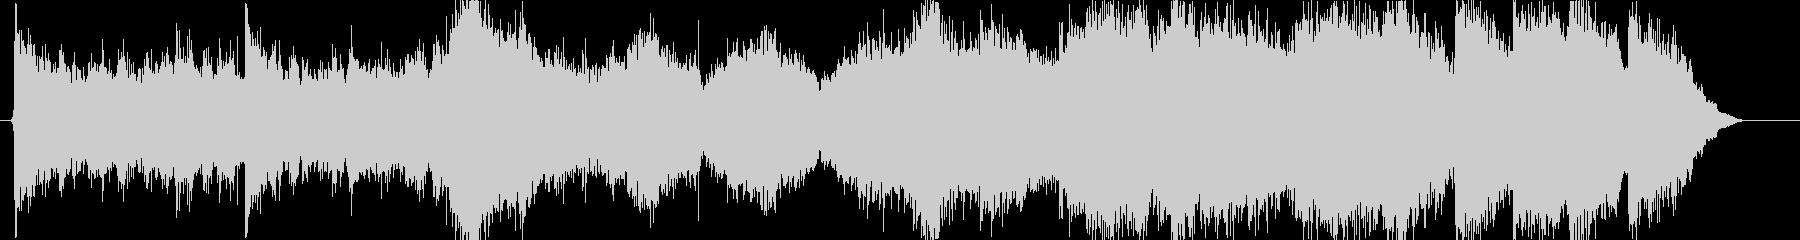 ゲーム、映画の予告用のコーラスを含んだ曲の未再生の波形